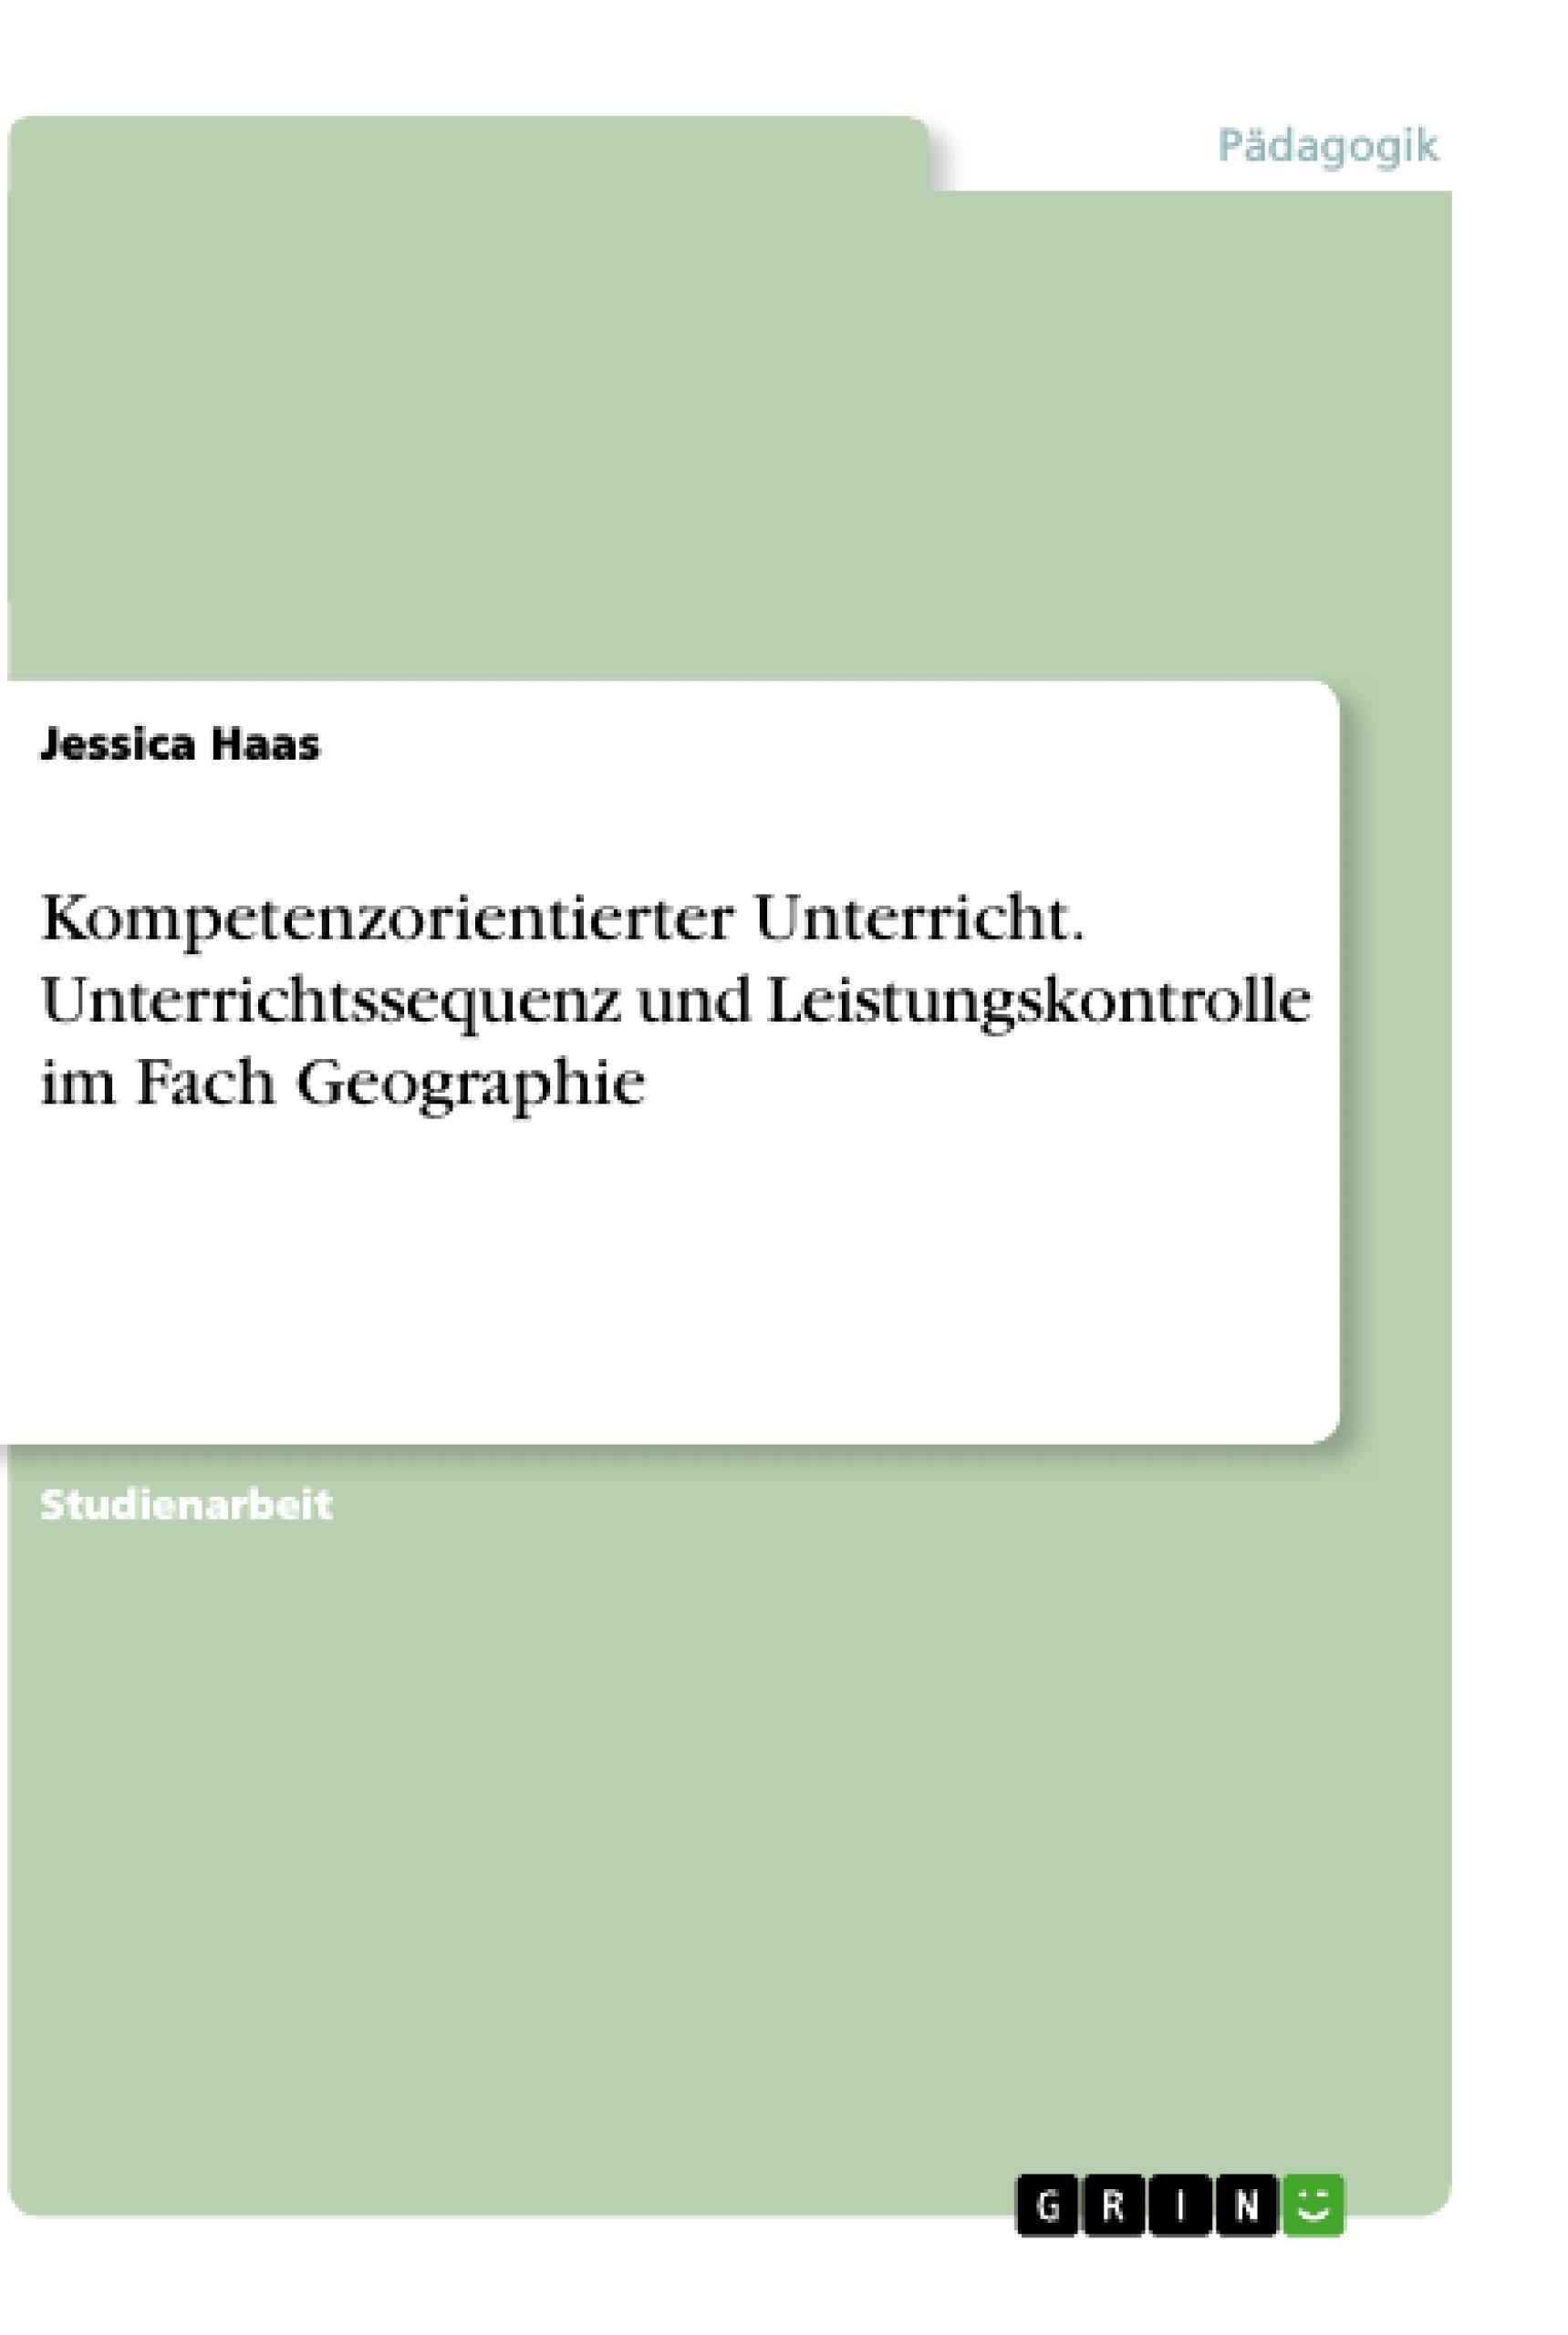 Titel: Kompetenzorientierter Unterricht. Unterrichtssequenz und Leistungskontrolle im Fach Geographie